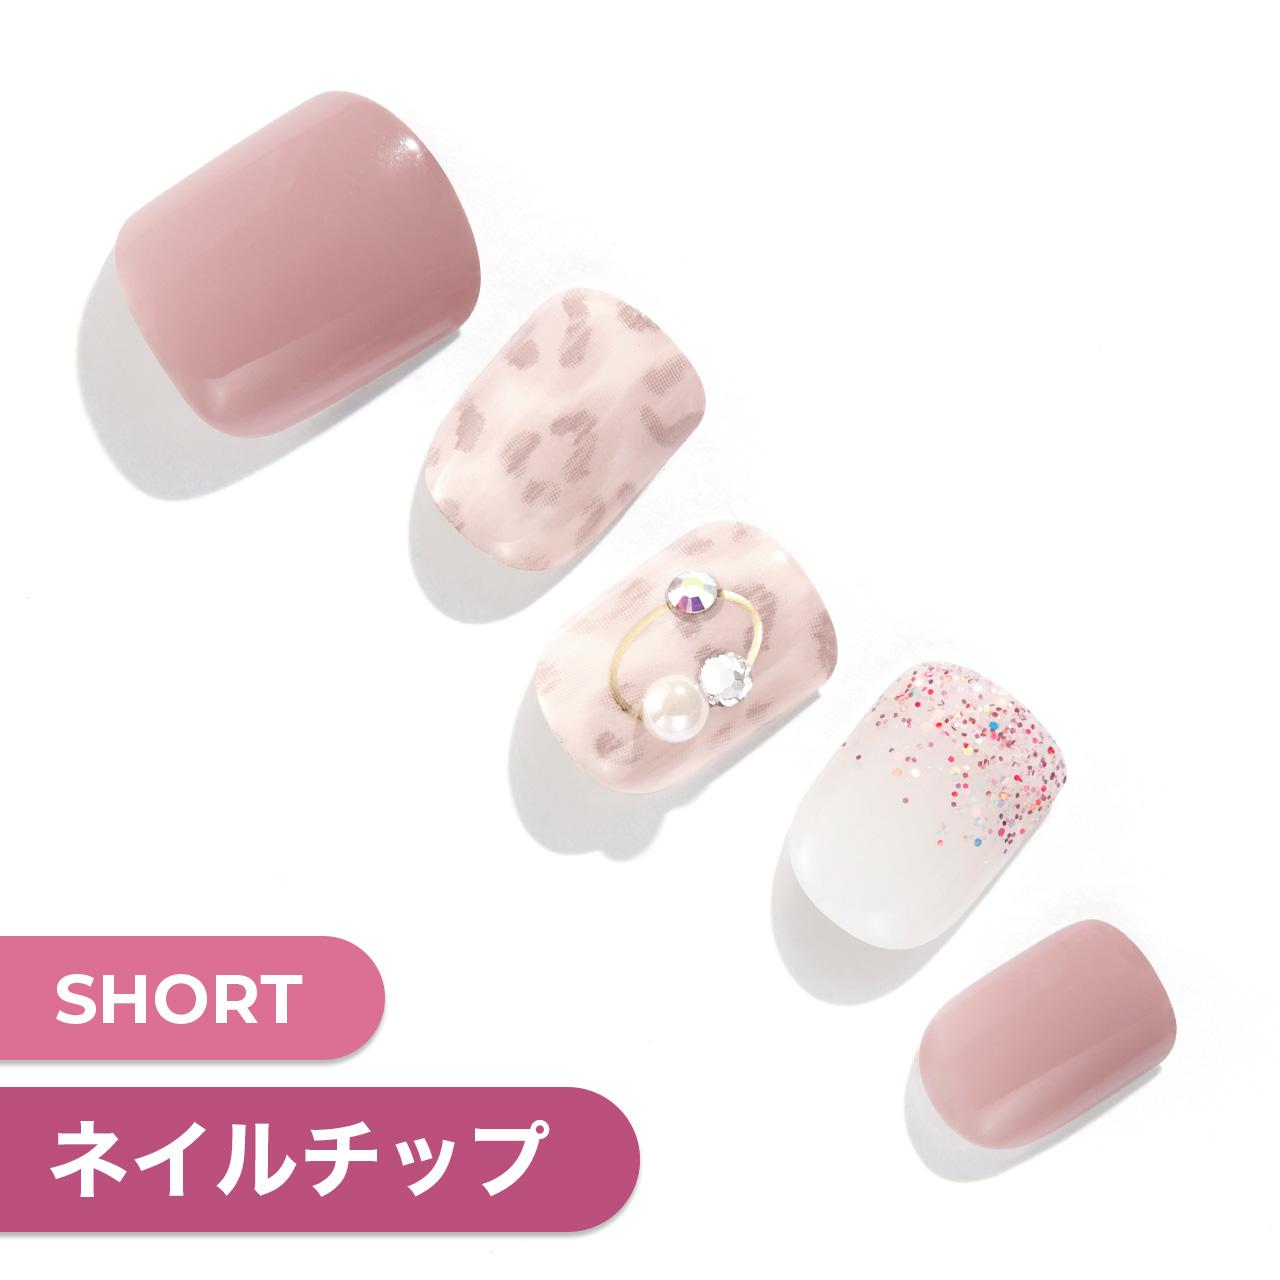 【Love Leopard】ダッシングディバマジックプレス